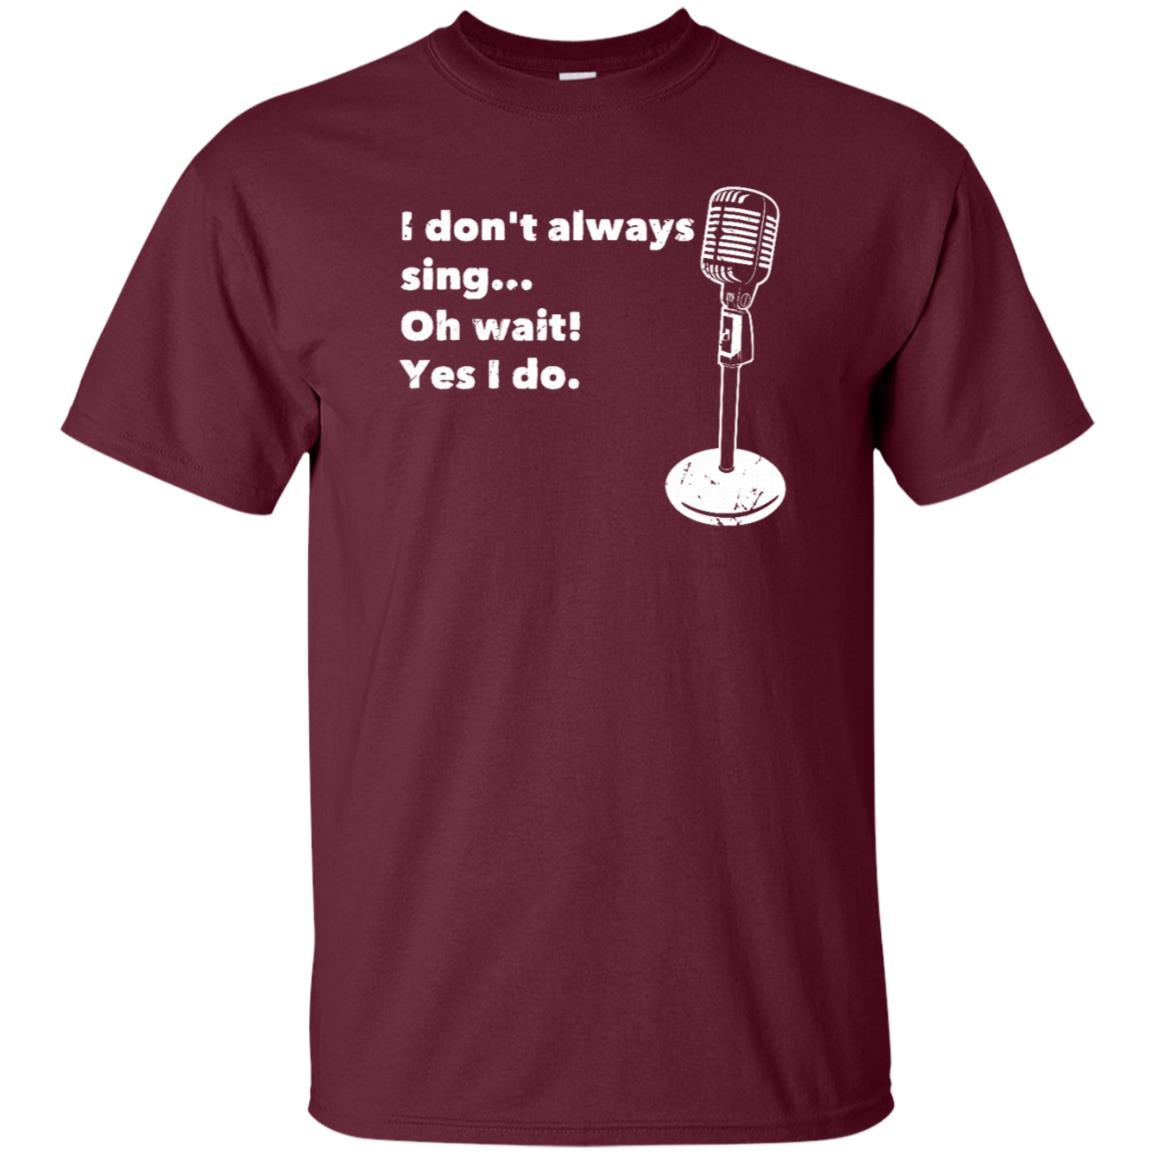 Singing I Don't Always Sing Oh Wait Yes I Do Unisex Short Sleeve